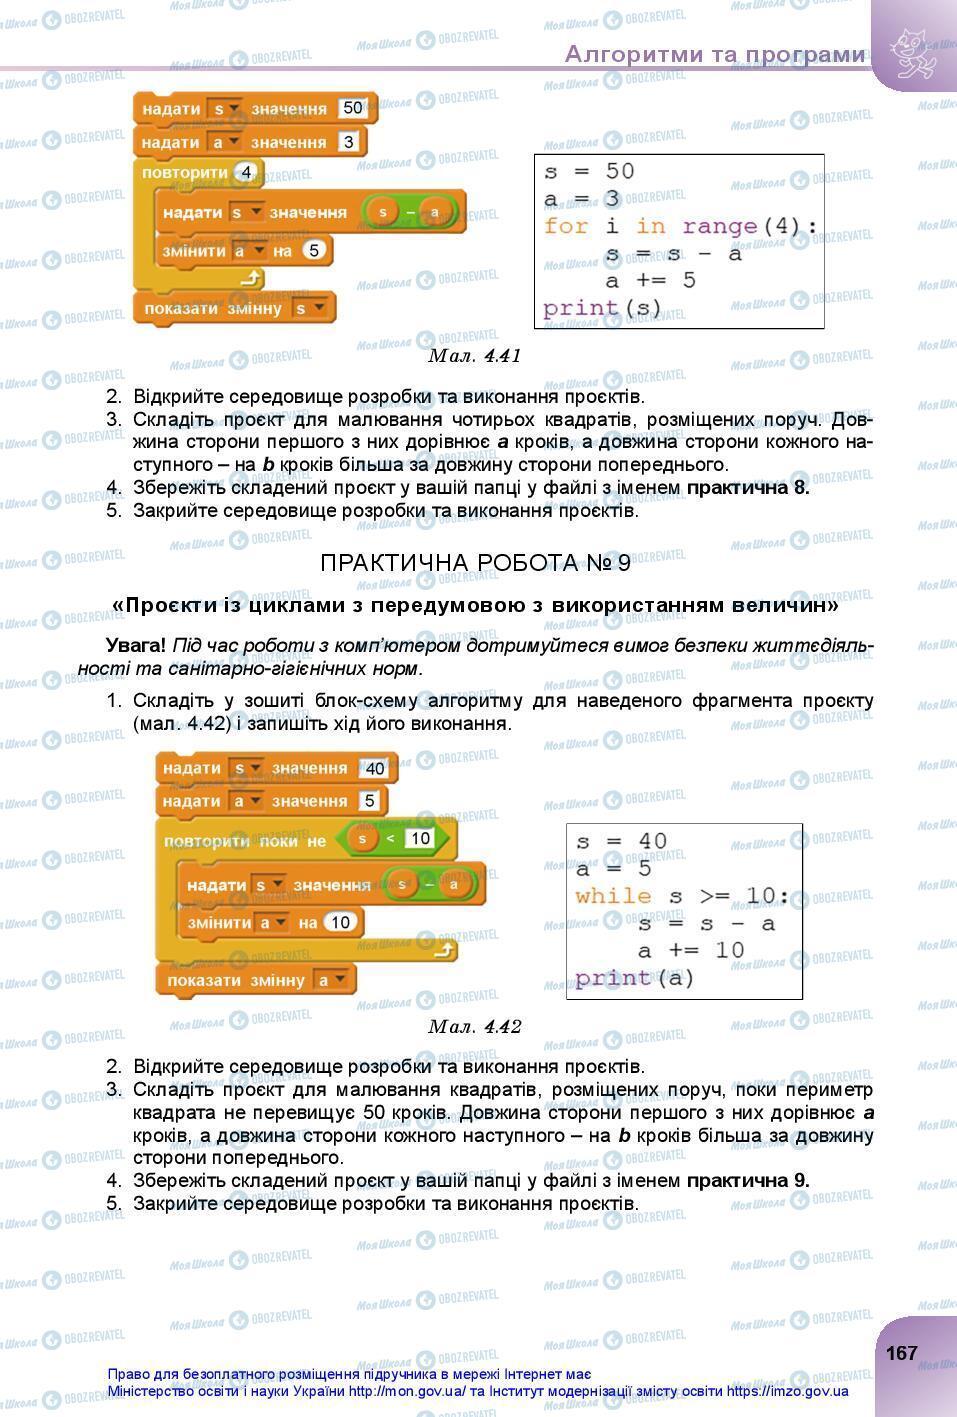 Підручники Інформатика 7 клас сторінка 167